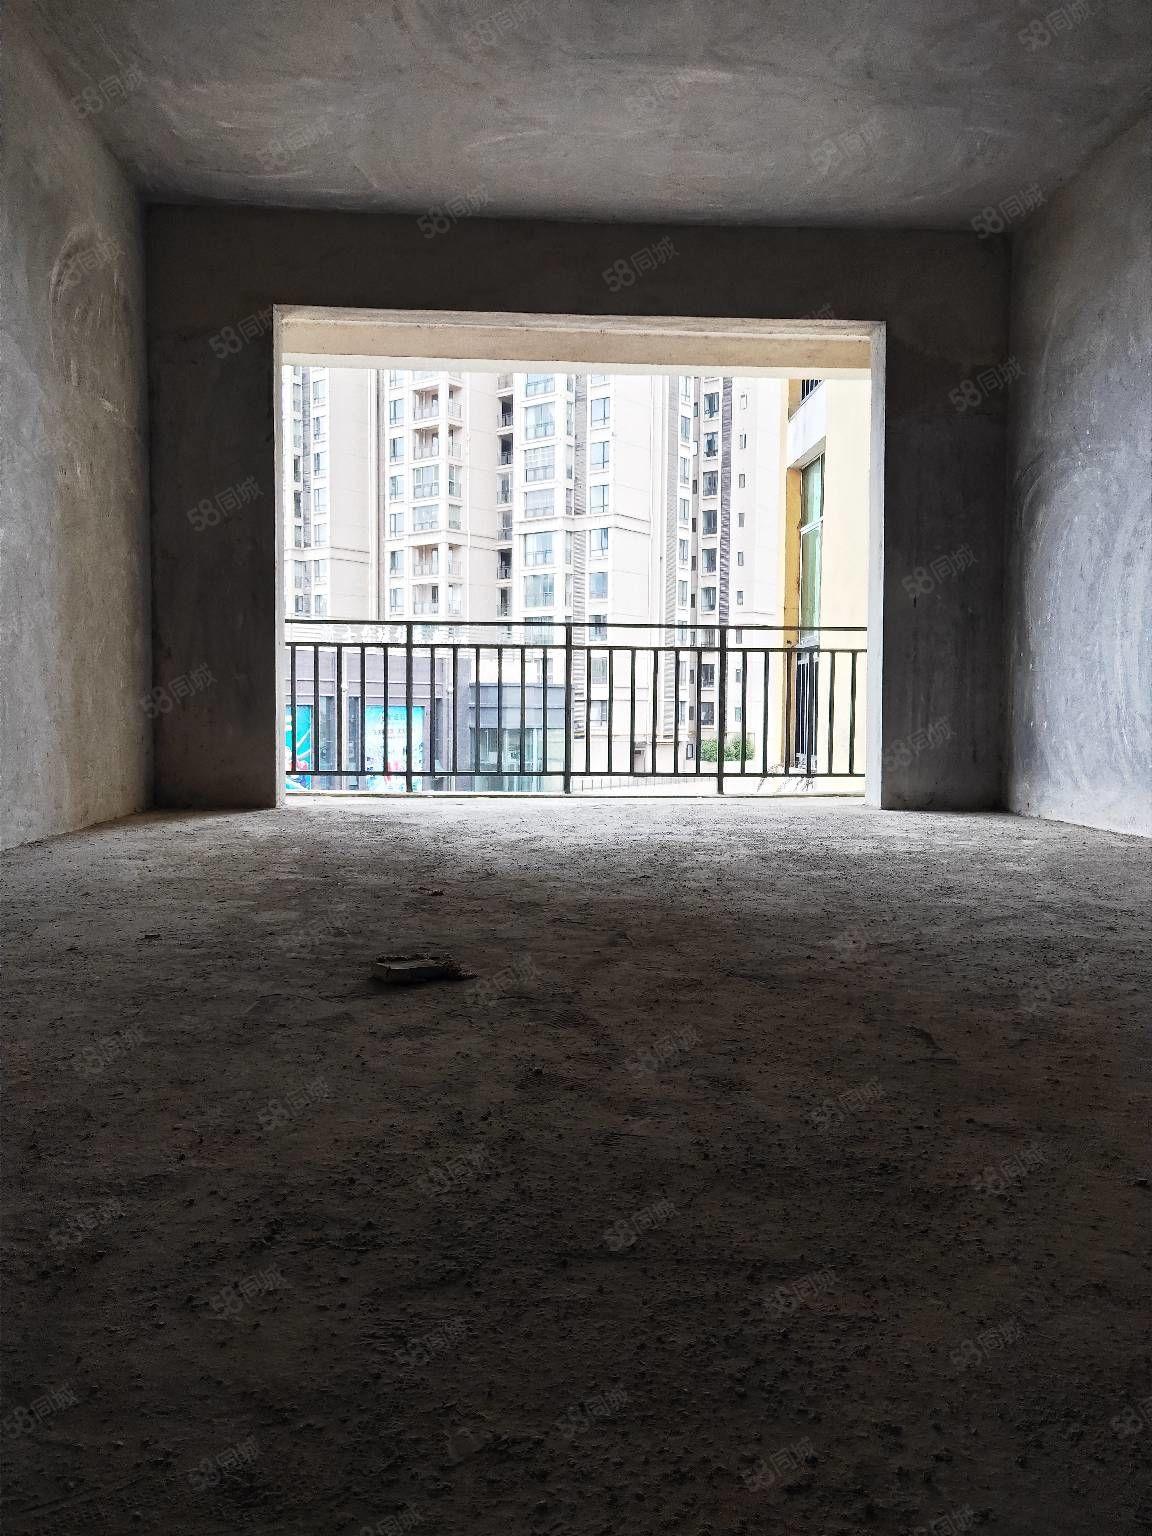 莱茵堡。住房出售。3室2厅。